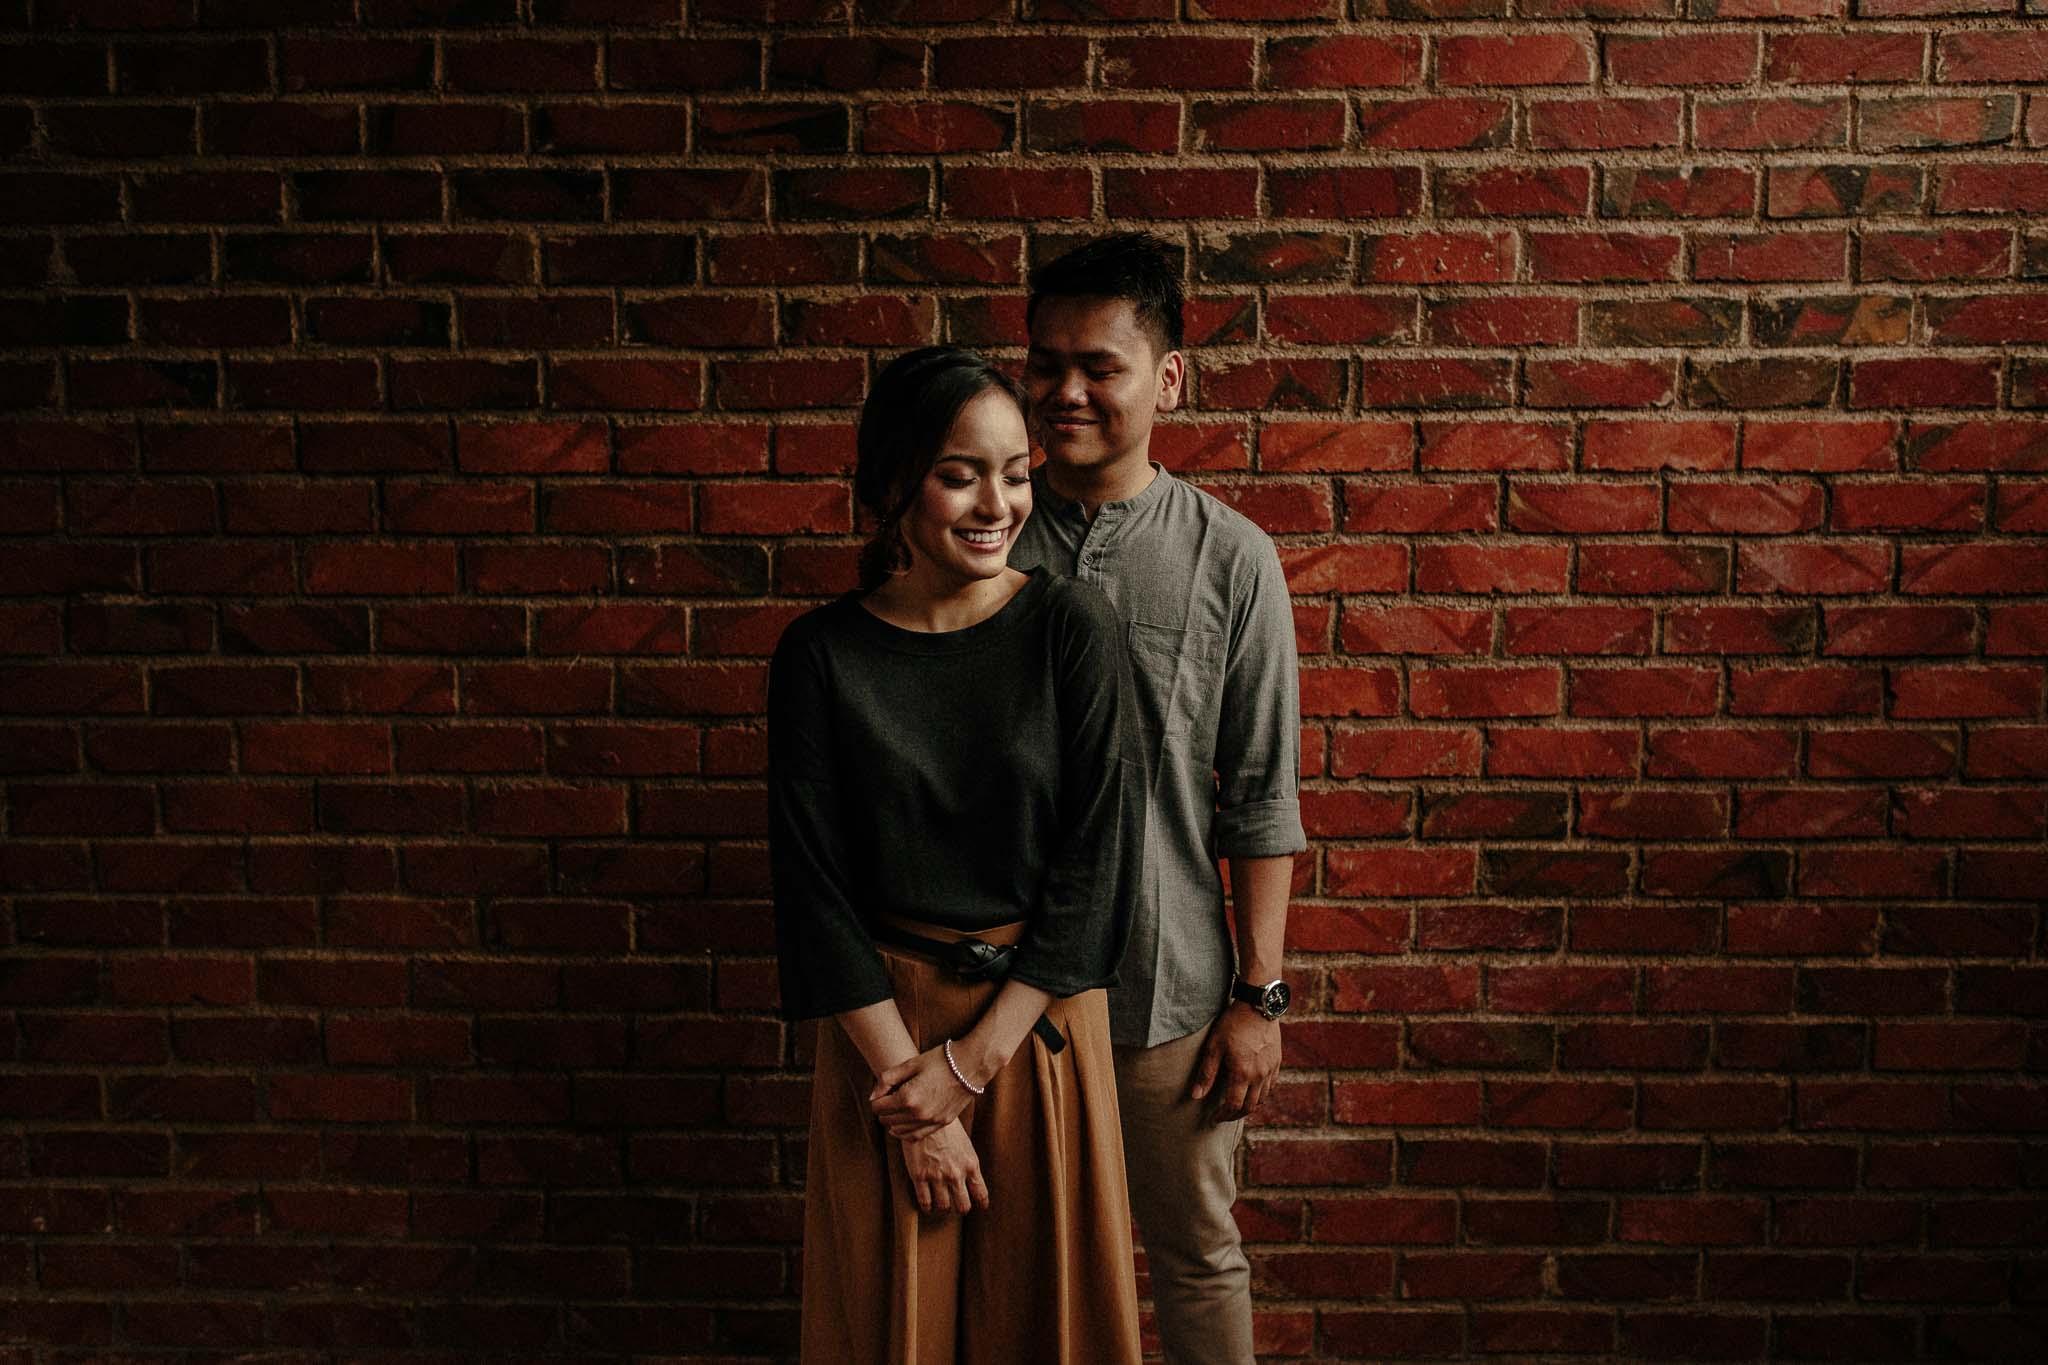 qila&elyas-weddingsbyqay-lovesession (59 of 297).jpg